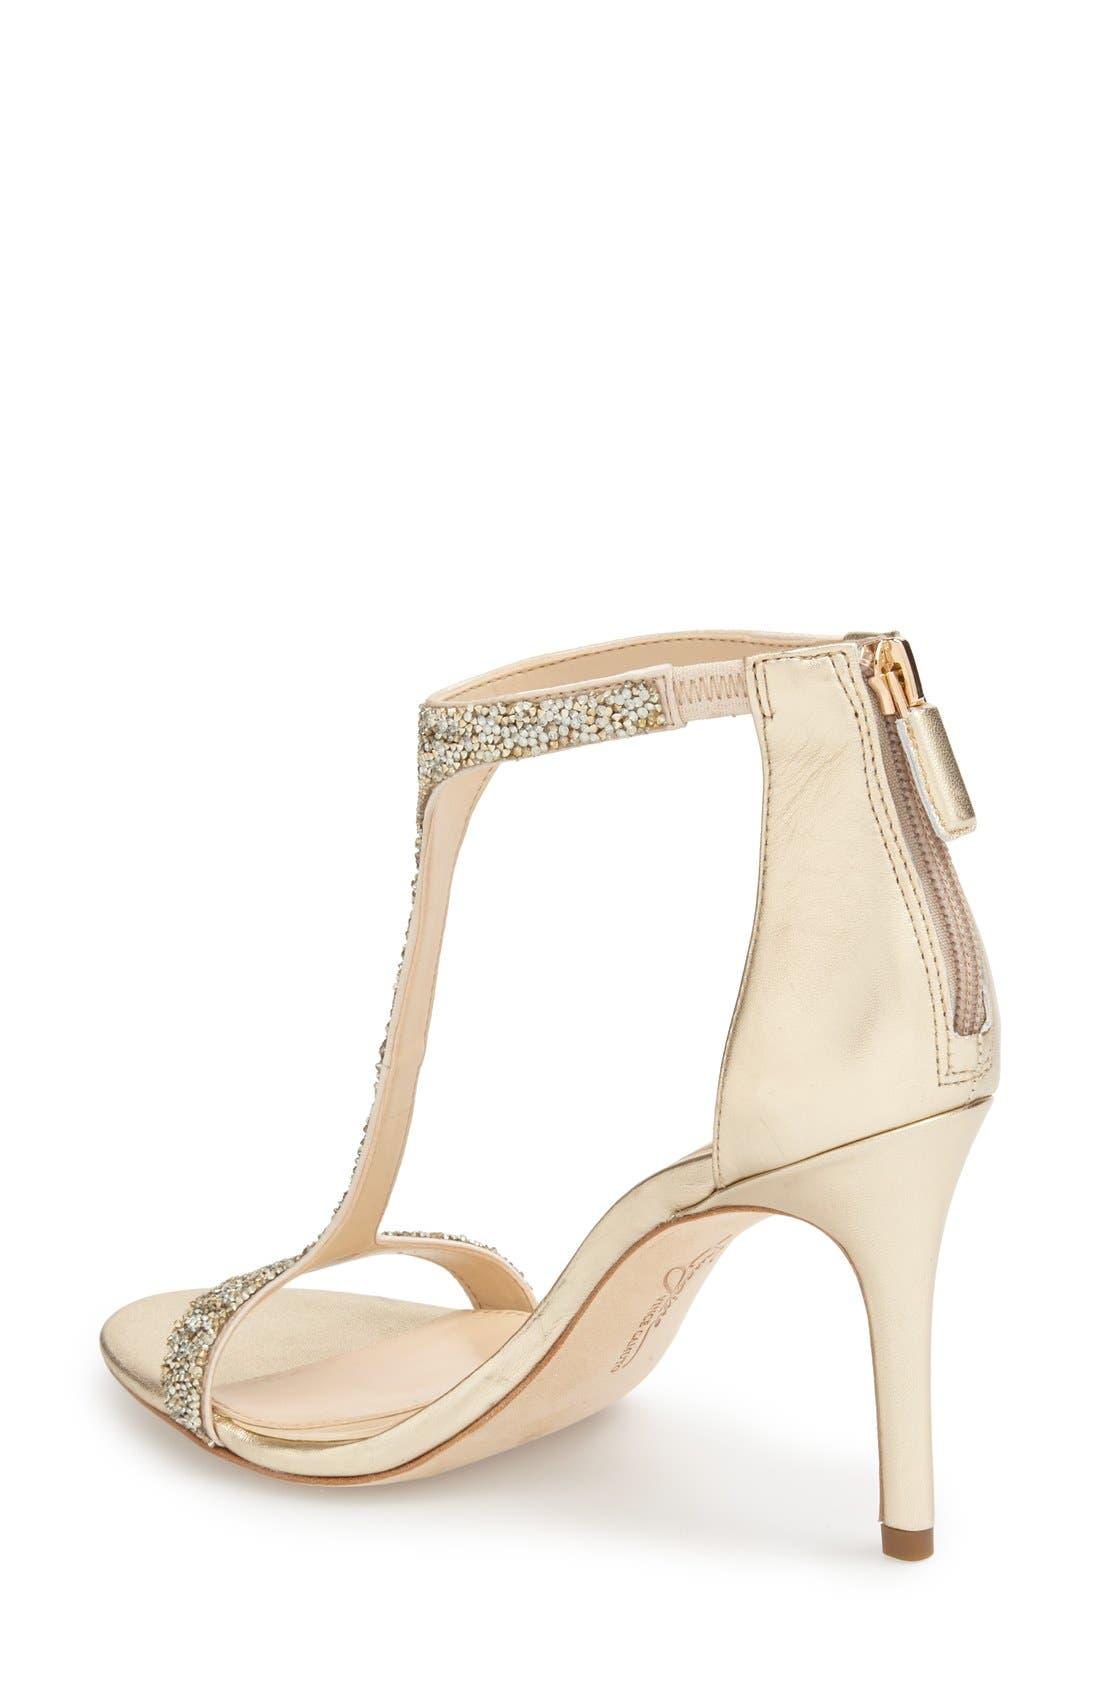 'Phoebe' Embellished T-Strap Sandal,                             Alternate thumbnail 2, color,                             Crystal/Gold Nappa